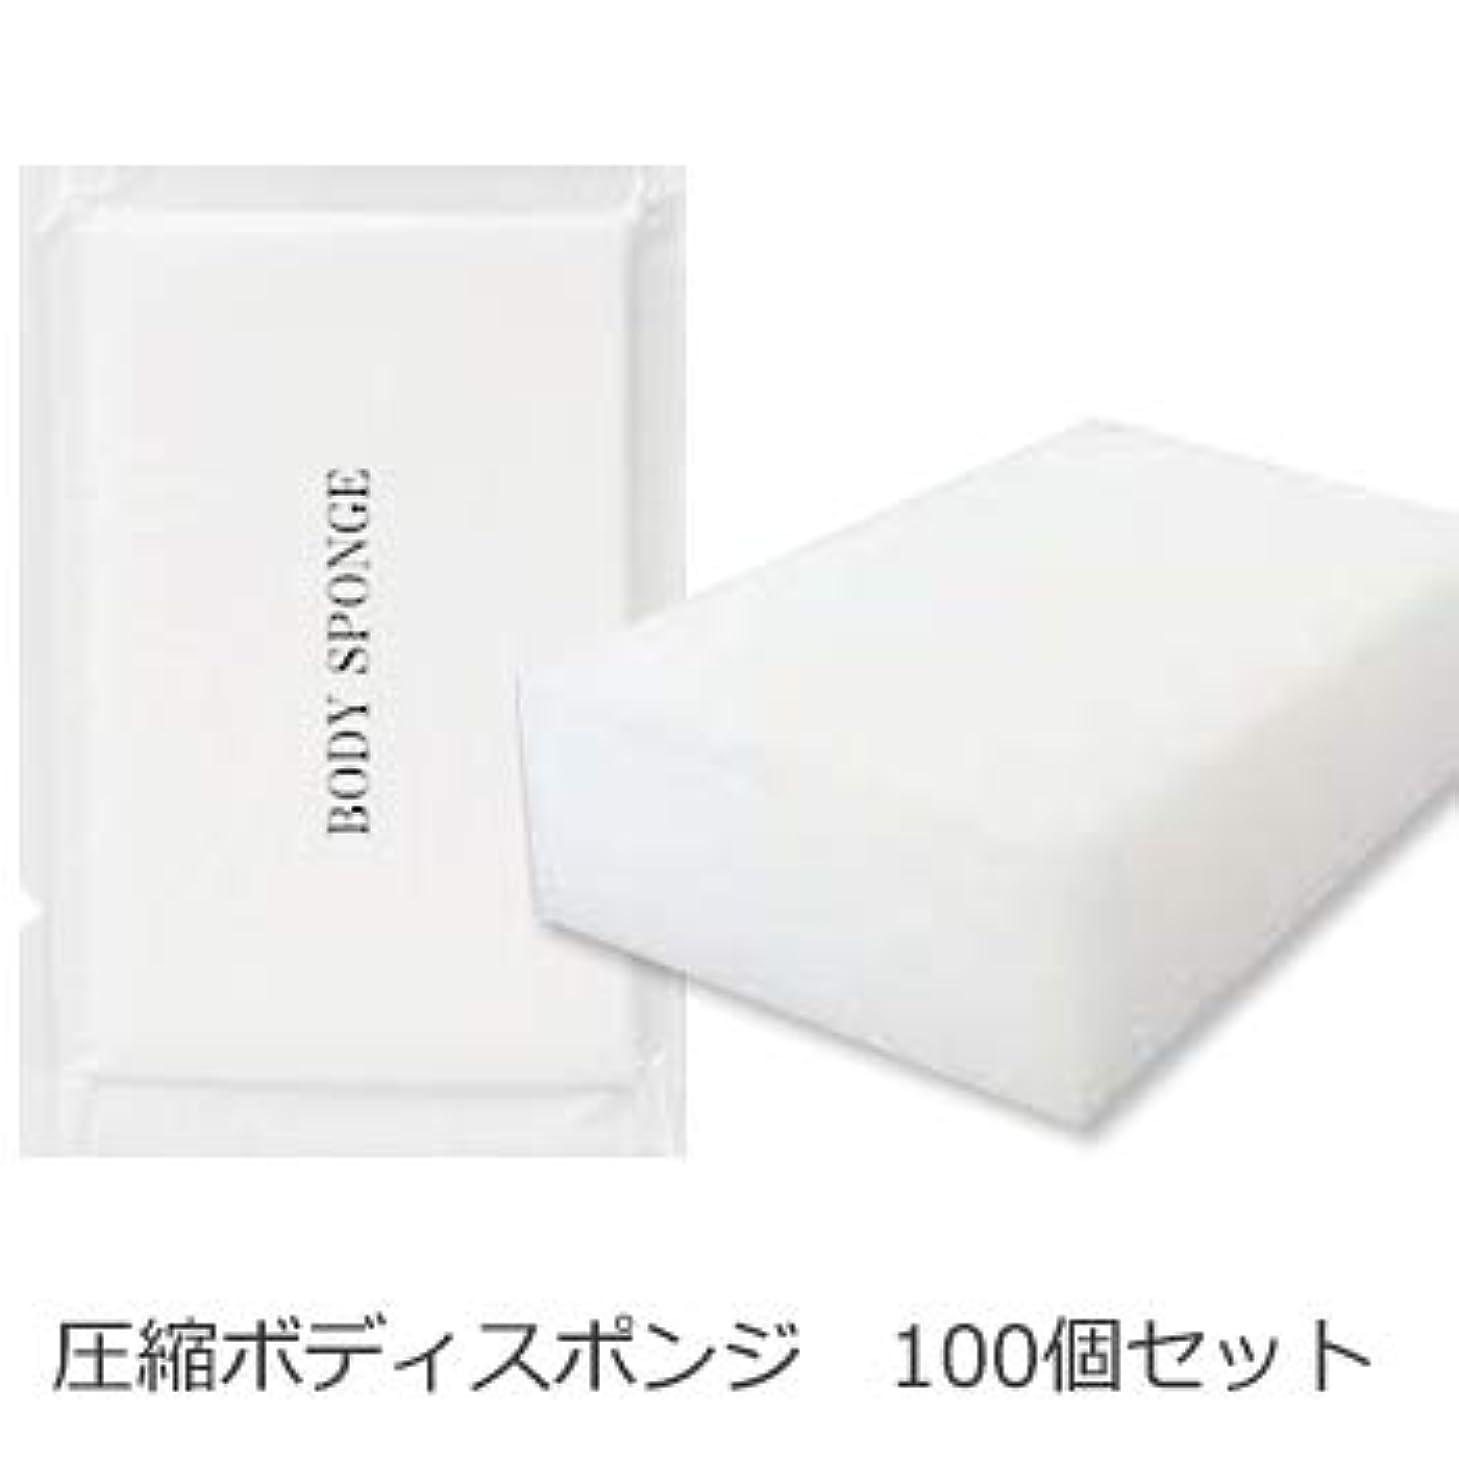 欲求不満アマゾンジャングルフォローボディスポンジ 海綿タイプ 厚み 30mm (1セット100個入)1個当たり14円税別